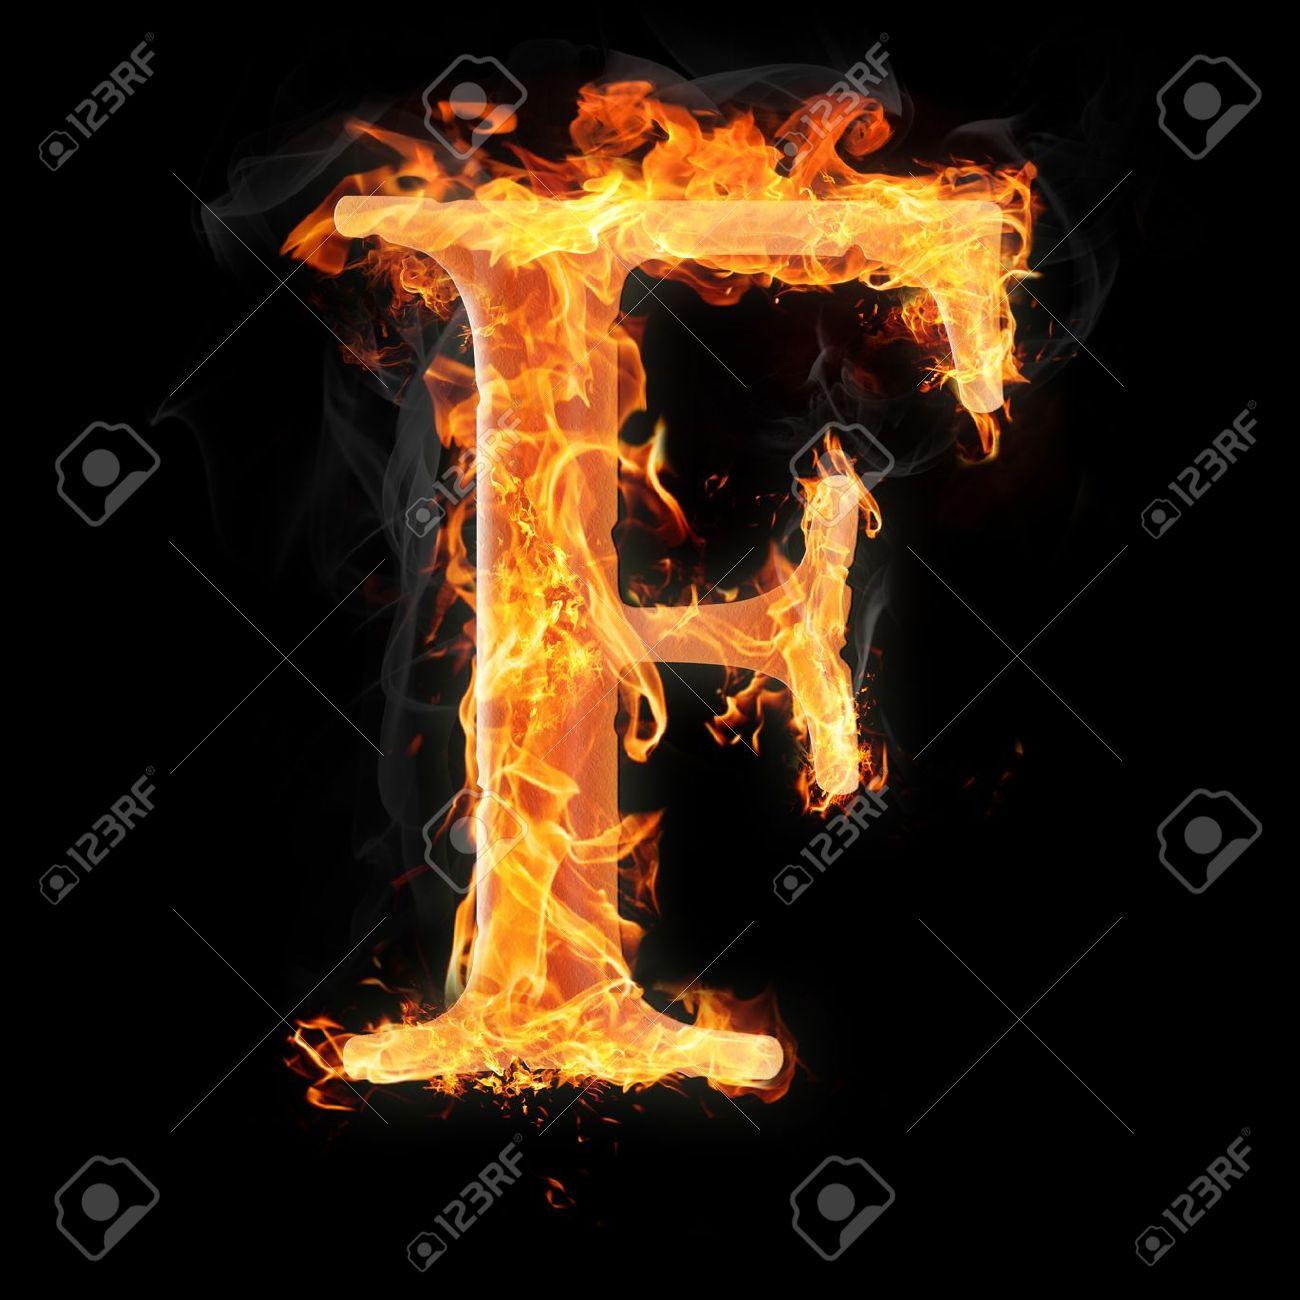 Foto de archivo - Las letras y los símbolos en el fuego - Letra F.